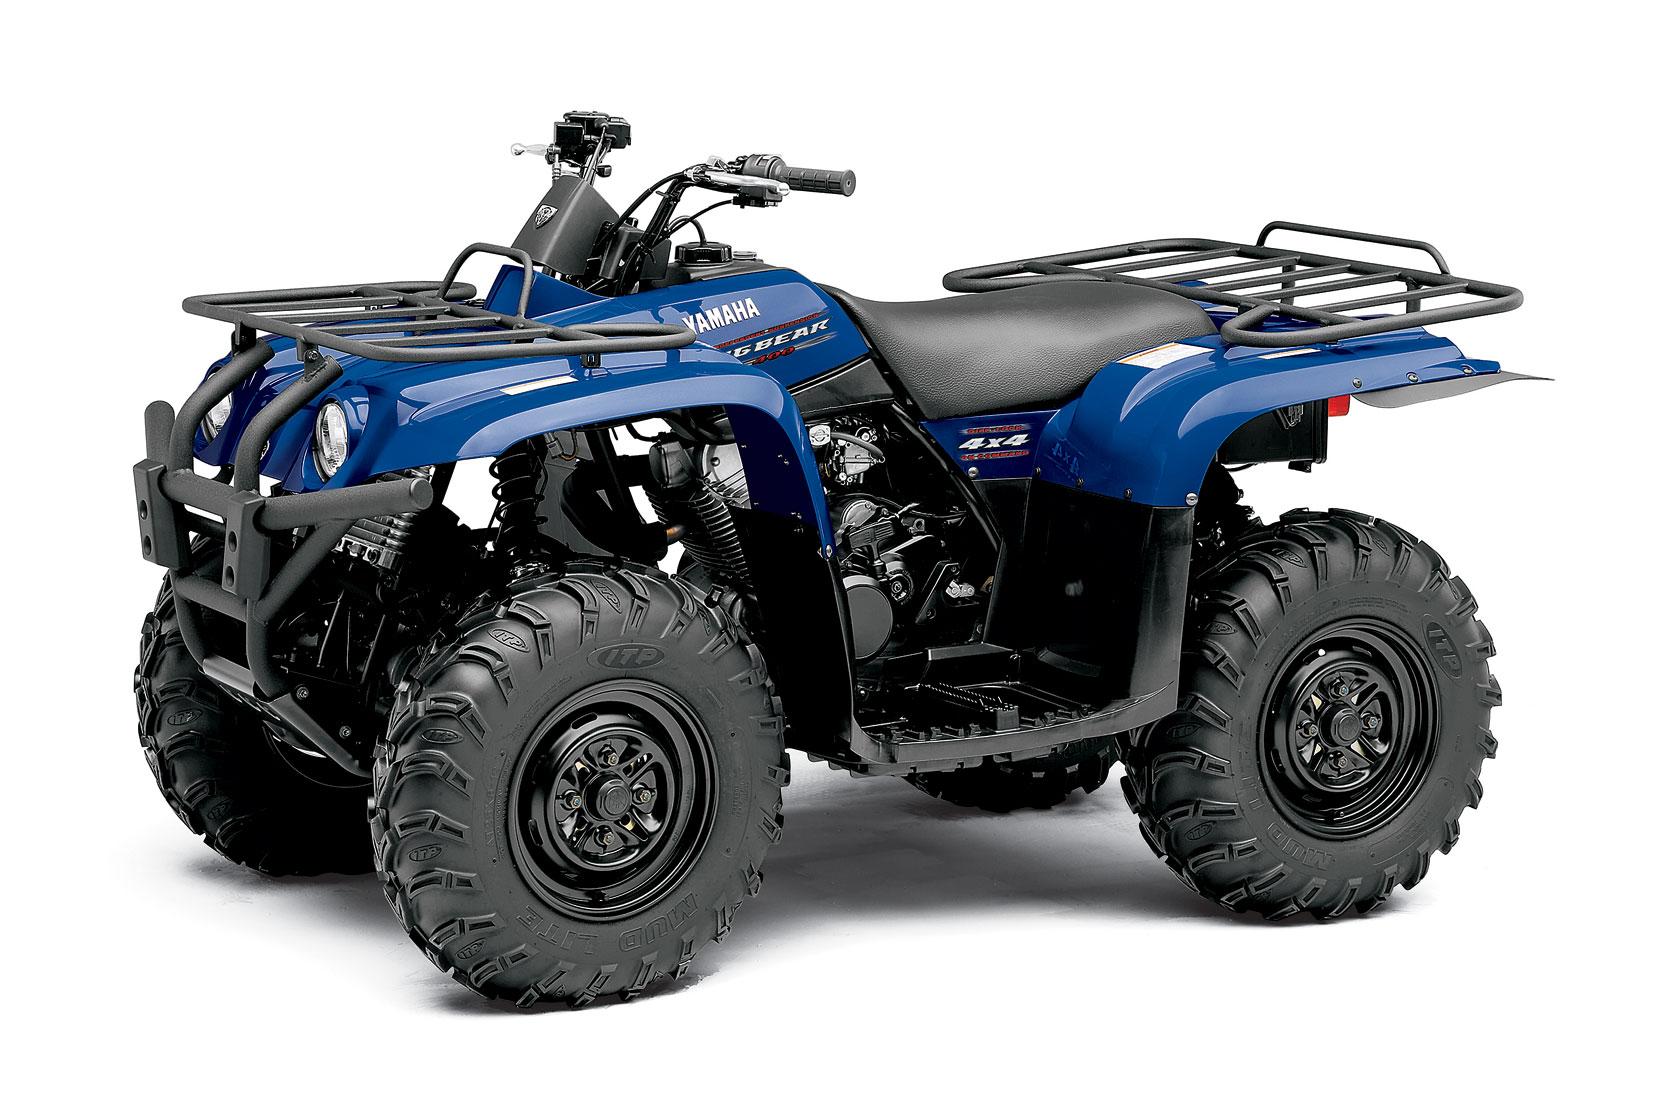 Yamaha Bear Tracker Specifications